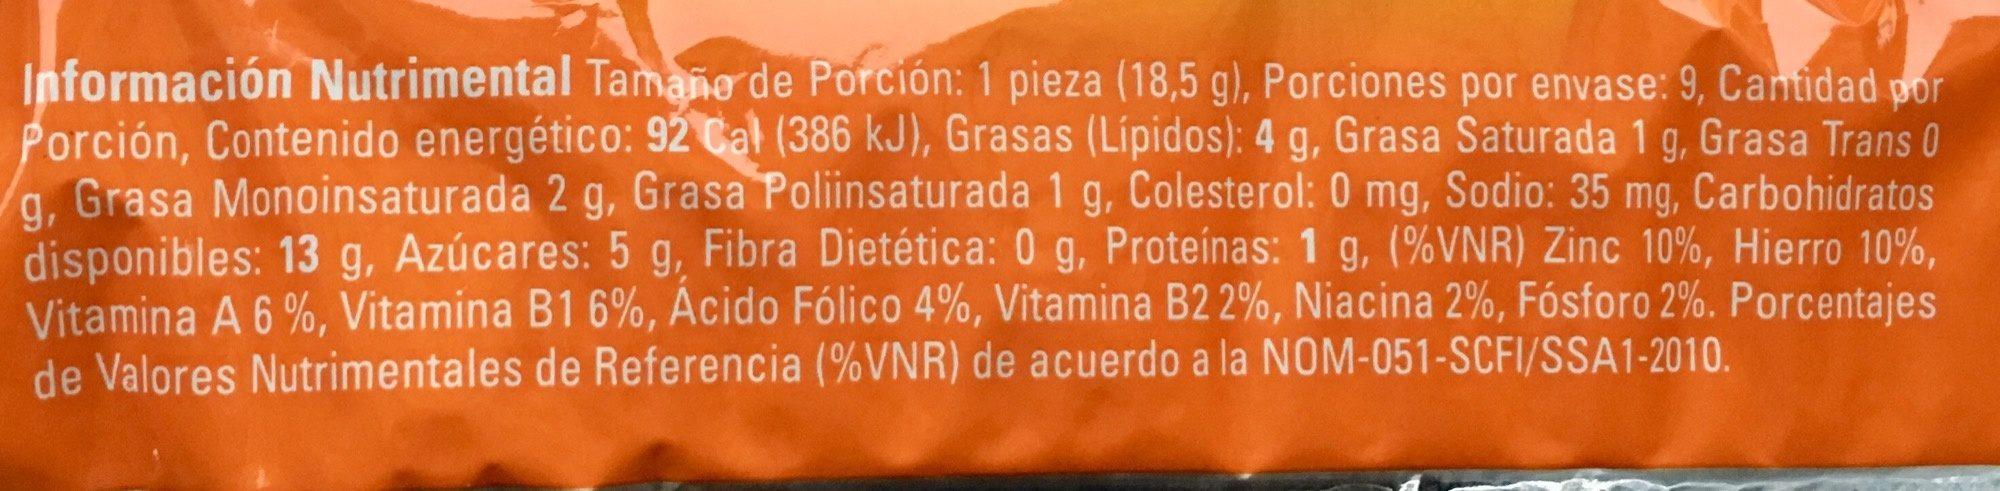 Polvorones Marinela - Voedingswaarden - es